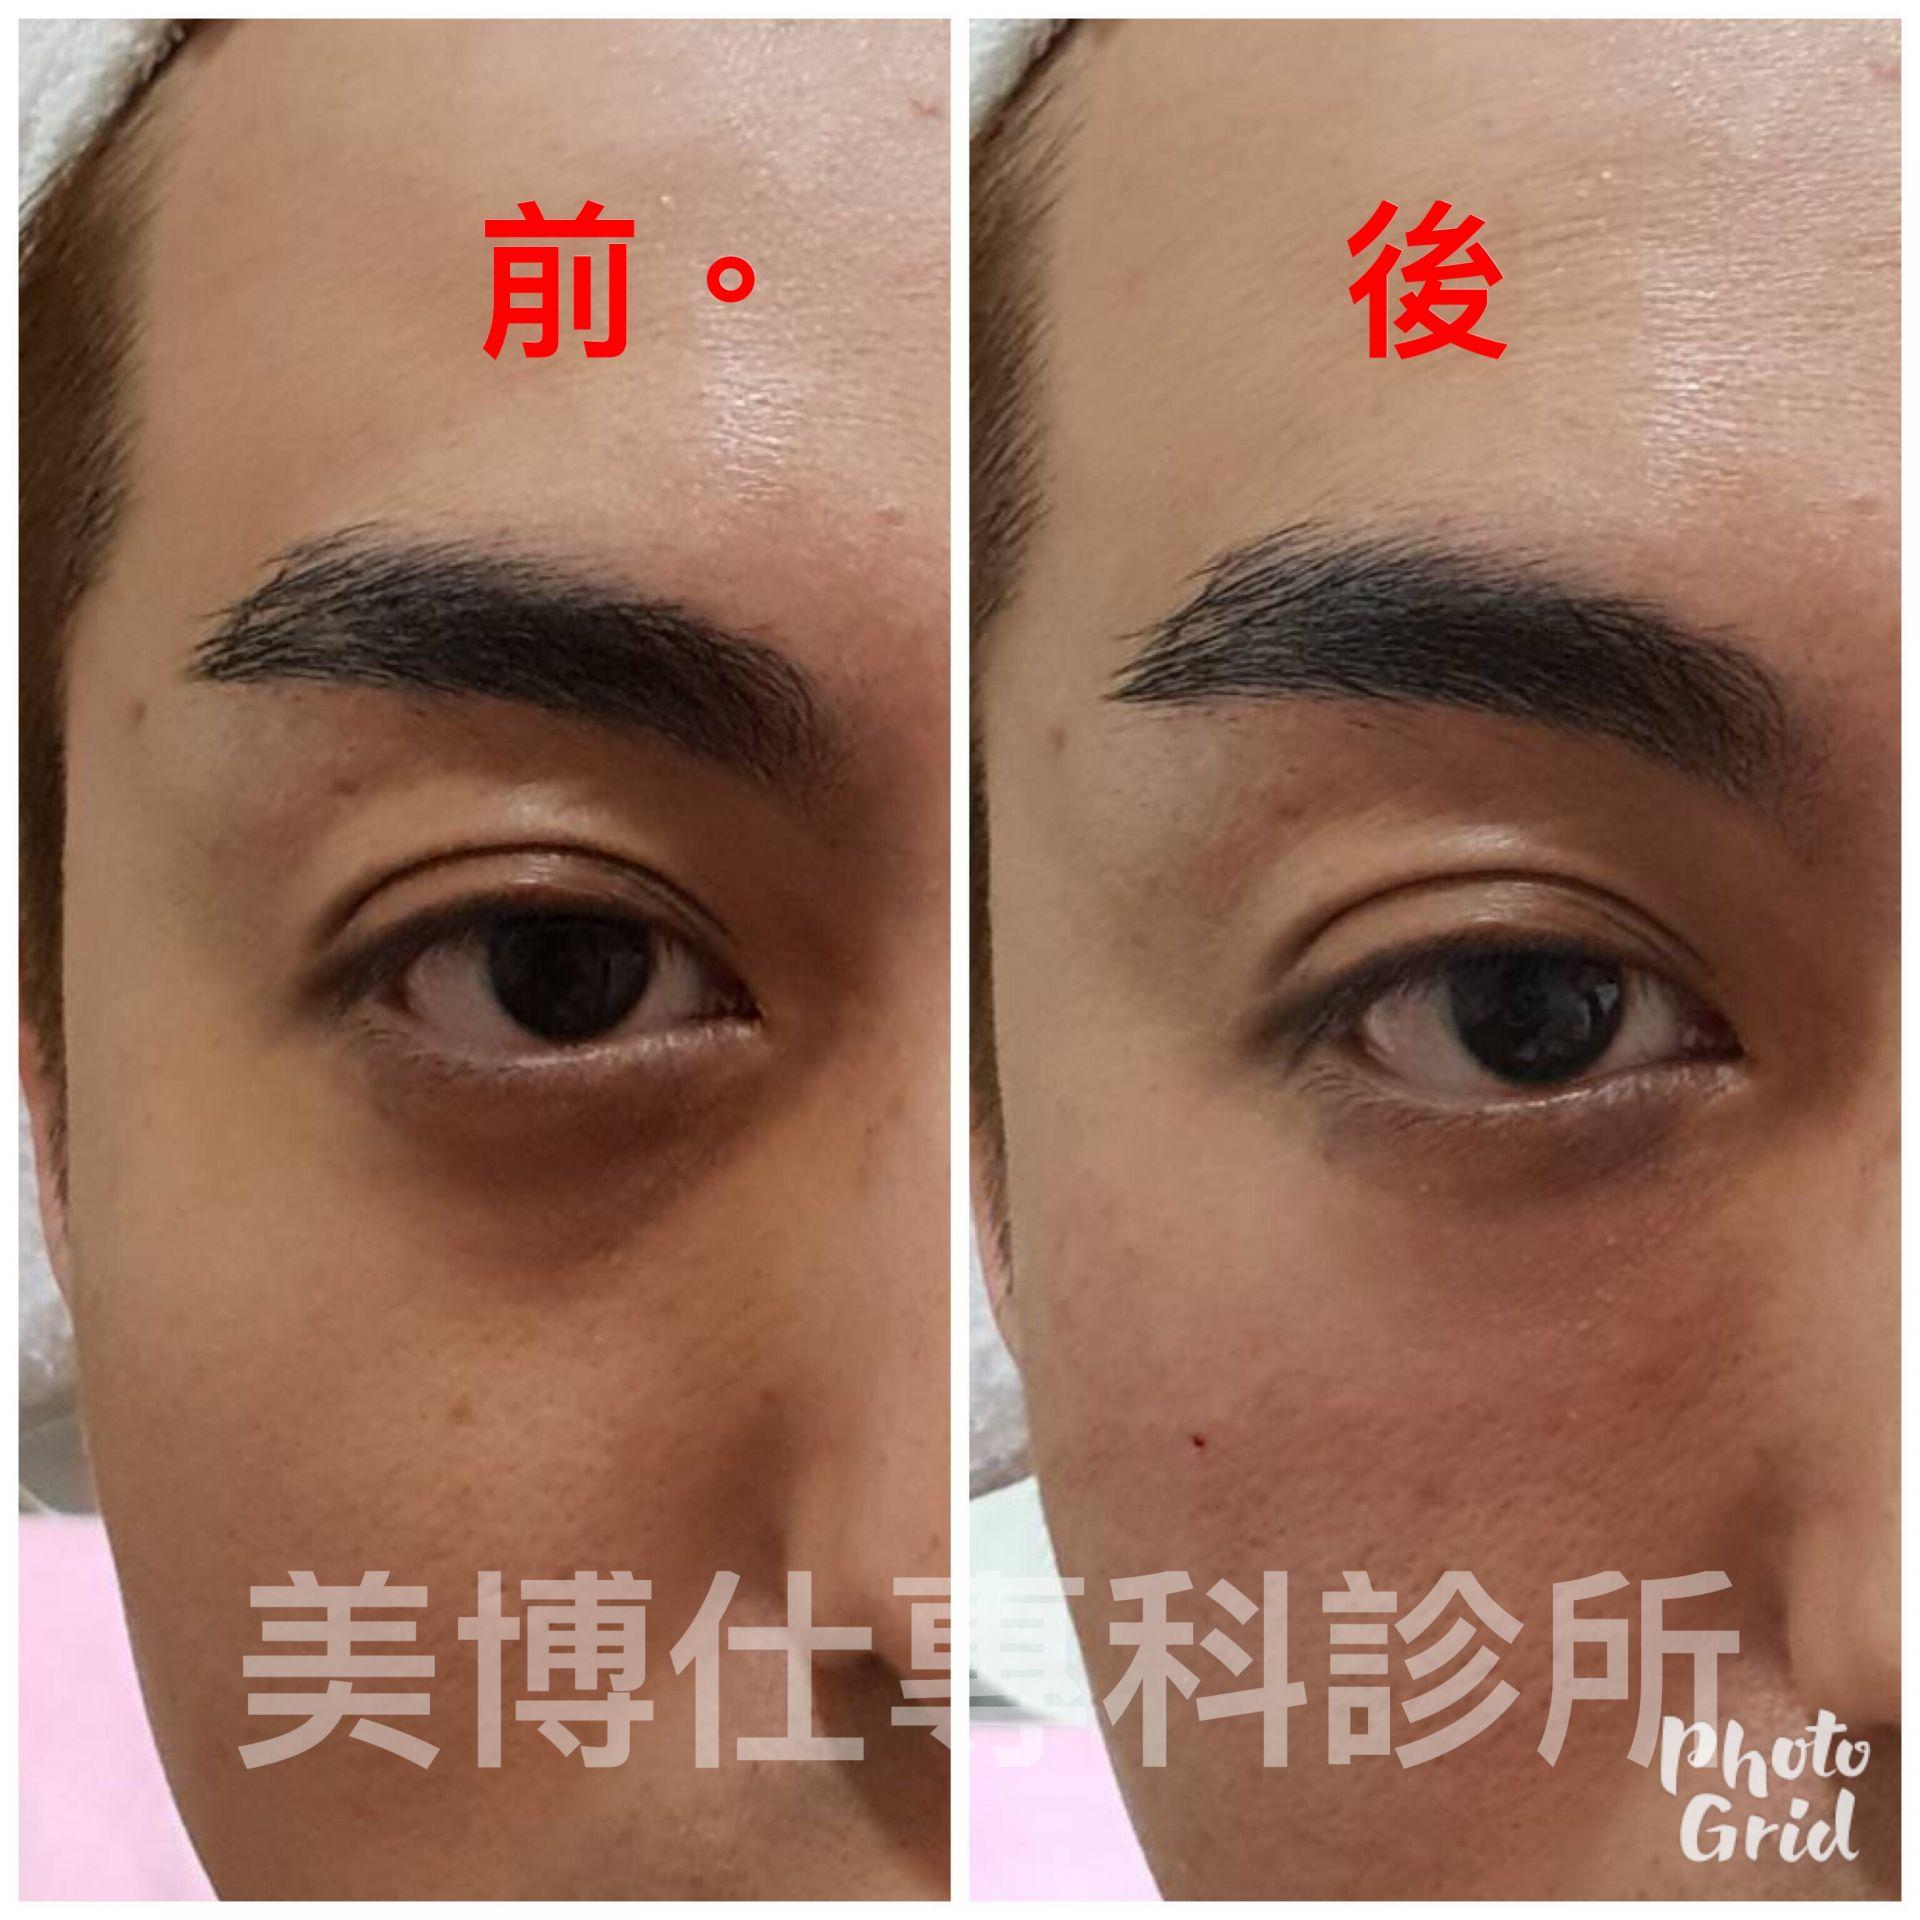 黑眼圈手術治療-李冠穎